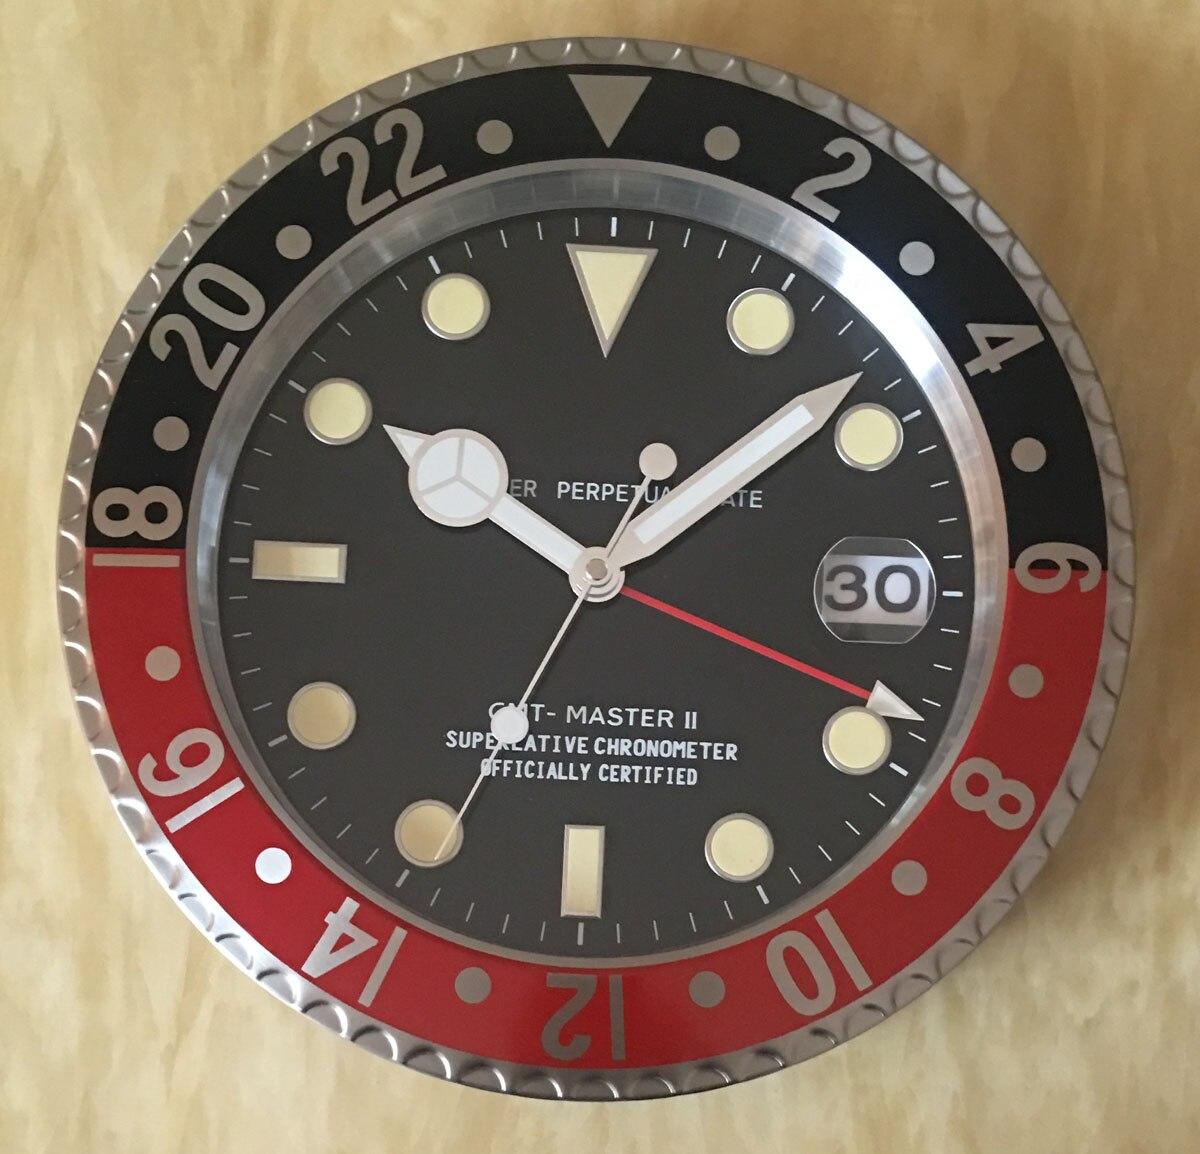 S & F Met Vergrootglas Retail Metalen Horloge Vorm Wandklok met Kalender Luxe Klok op De Muur - 3